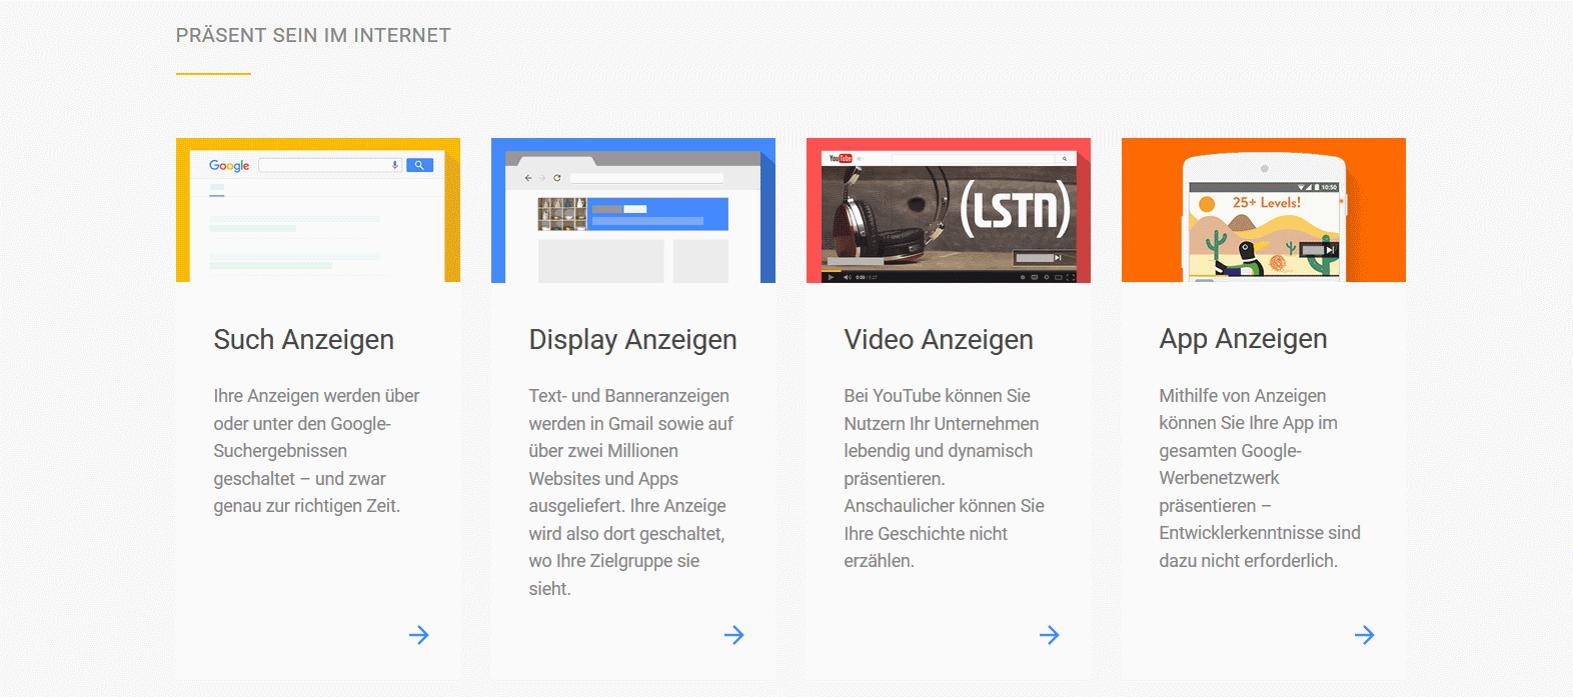 Suchnetzwerk Google Werbung